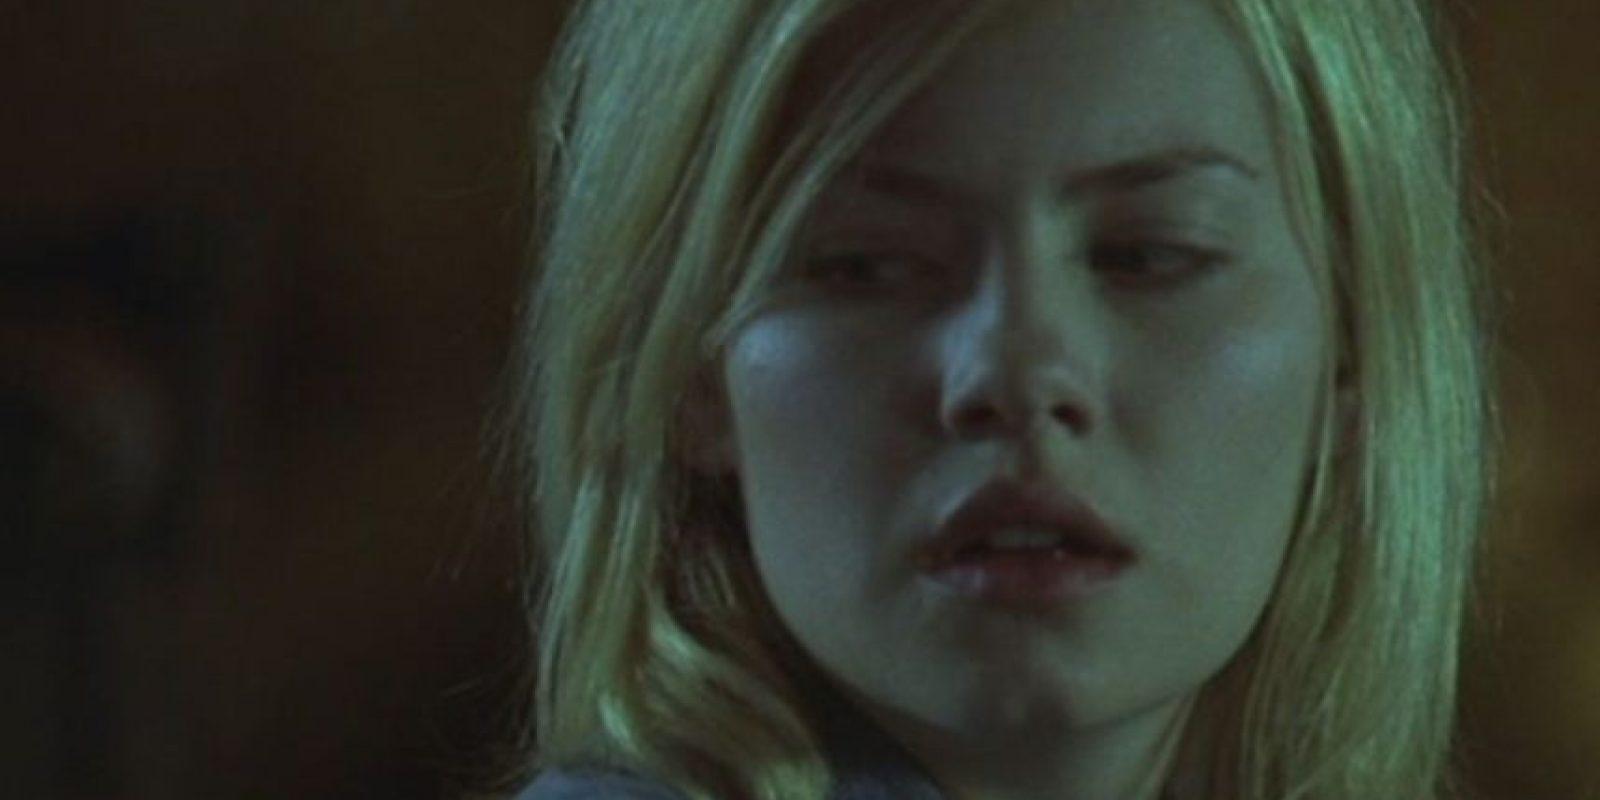 """Elisha Cuthbert se hizo famosa desde 2001 por la serie """"24"""". Ahí interpretaba a """"Kim Bauer"""", hija de """"Jack Bauer"""", personificado por Kiefer Sutherland. Foto:vía 20th Century Fox"""